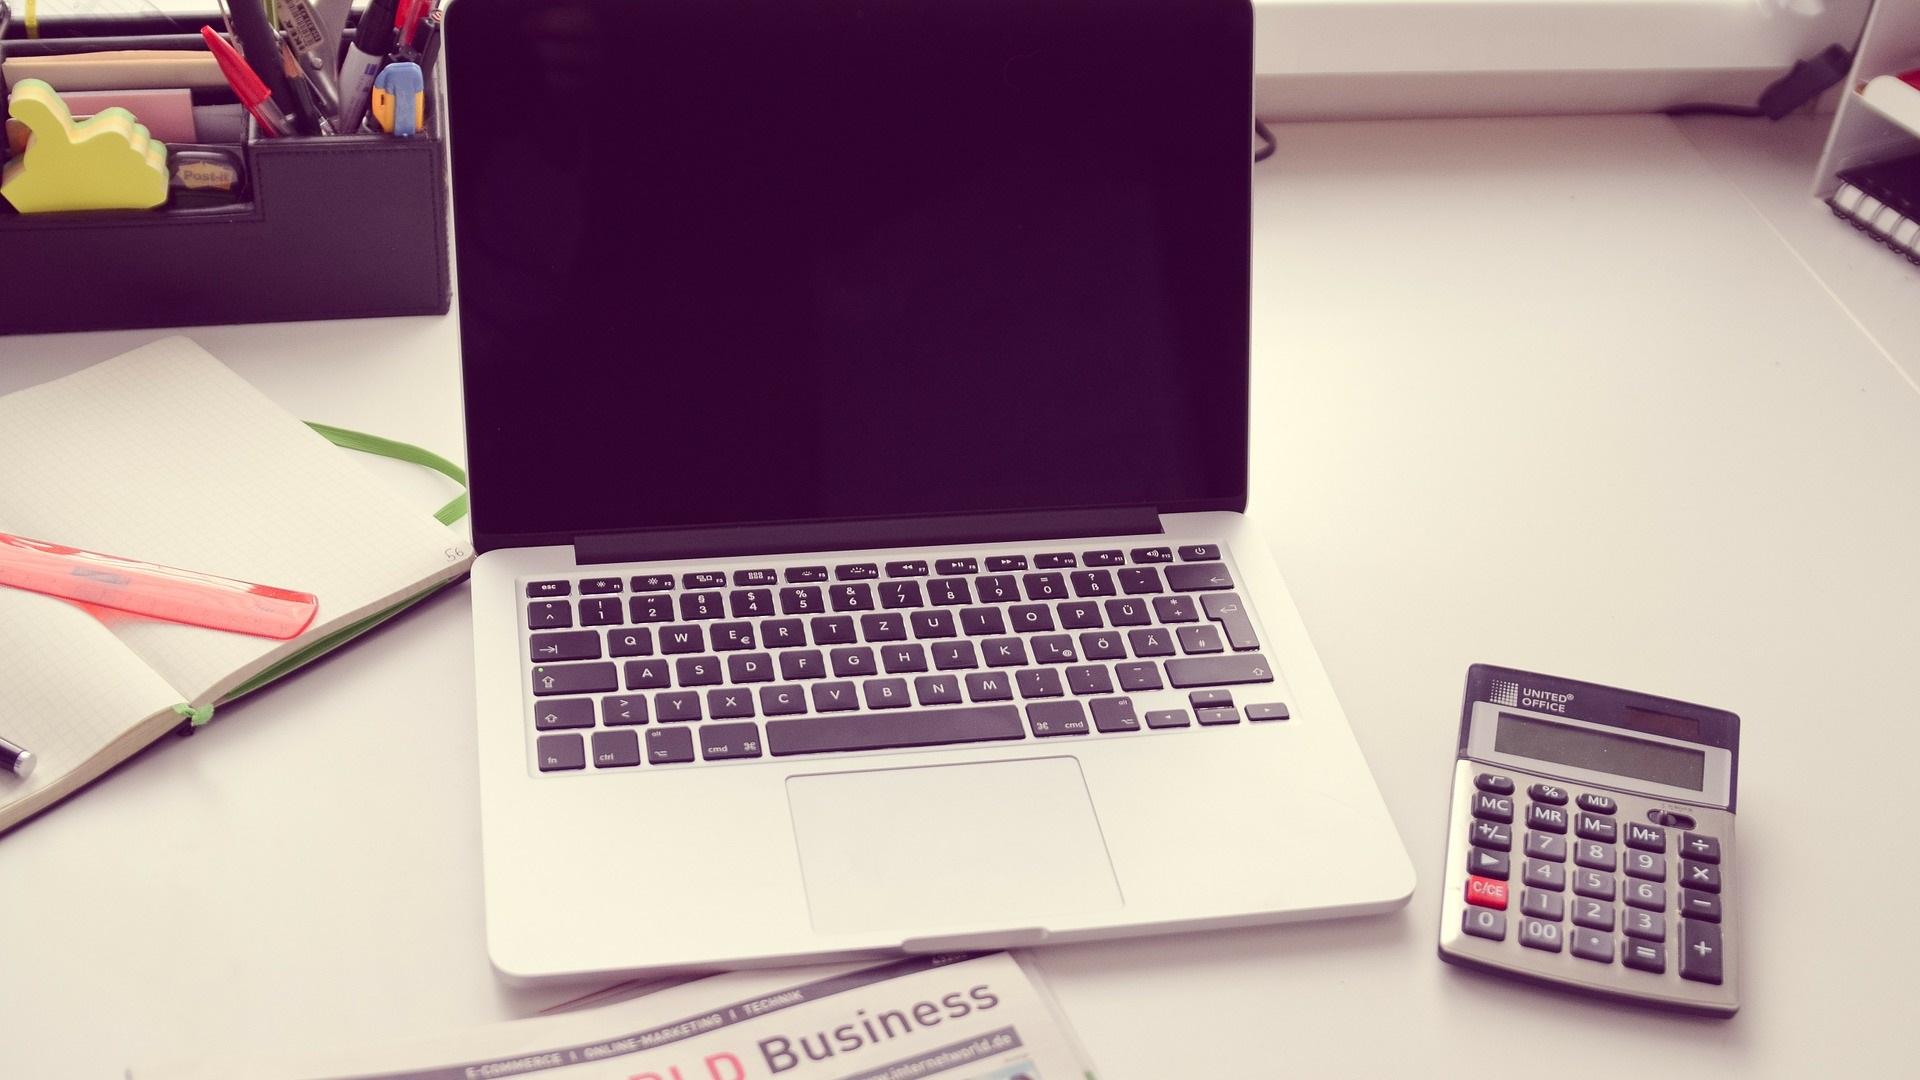 無在庫転売での発送代行業者の選び方や費用などを説明